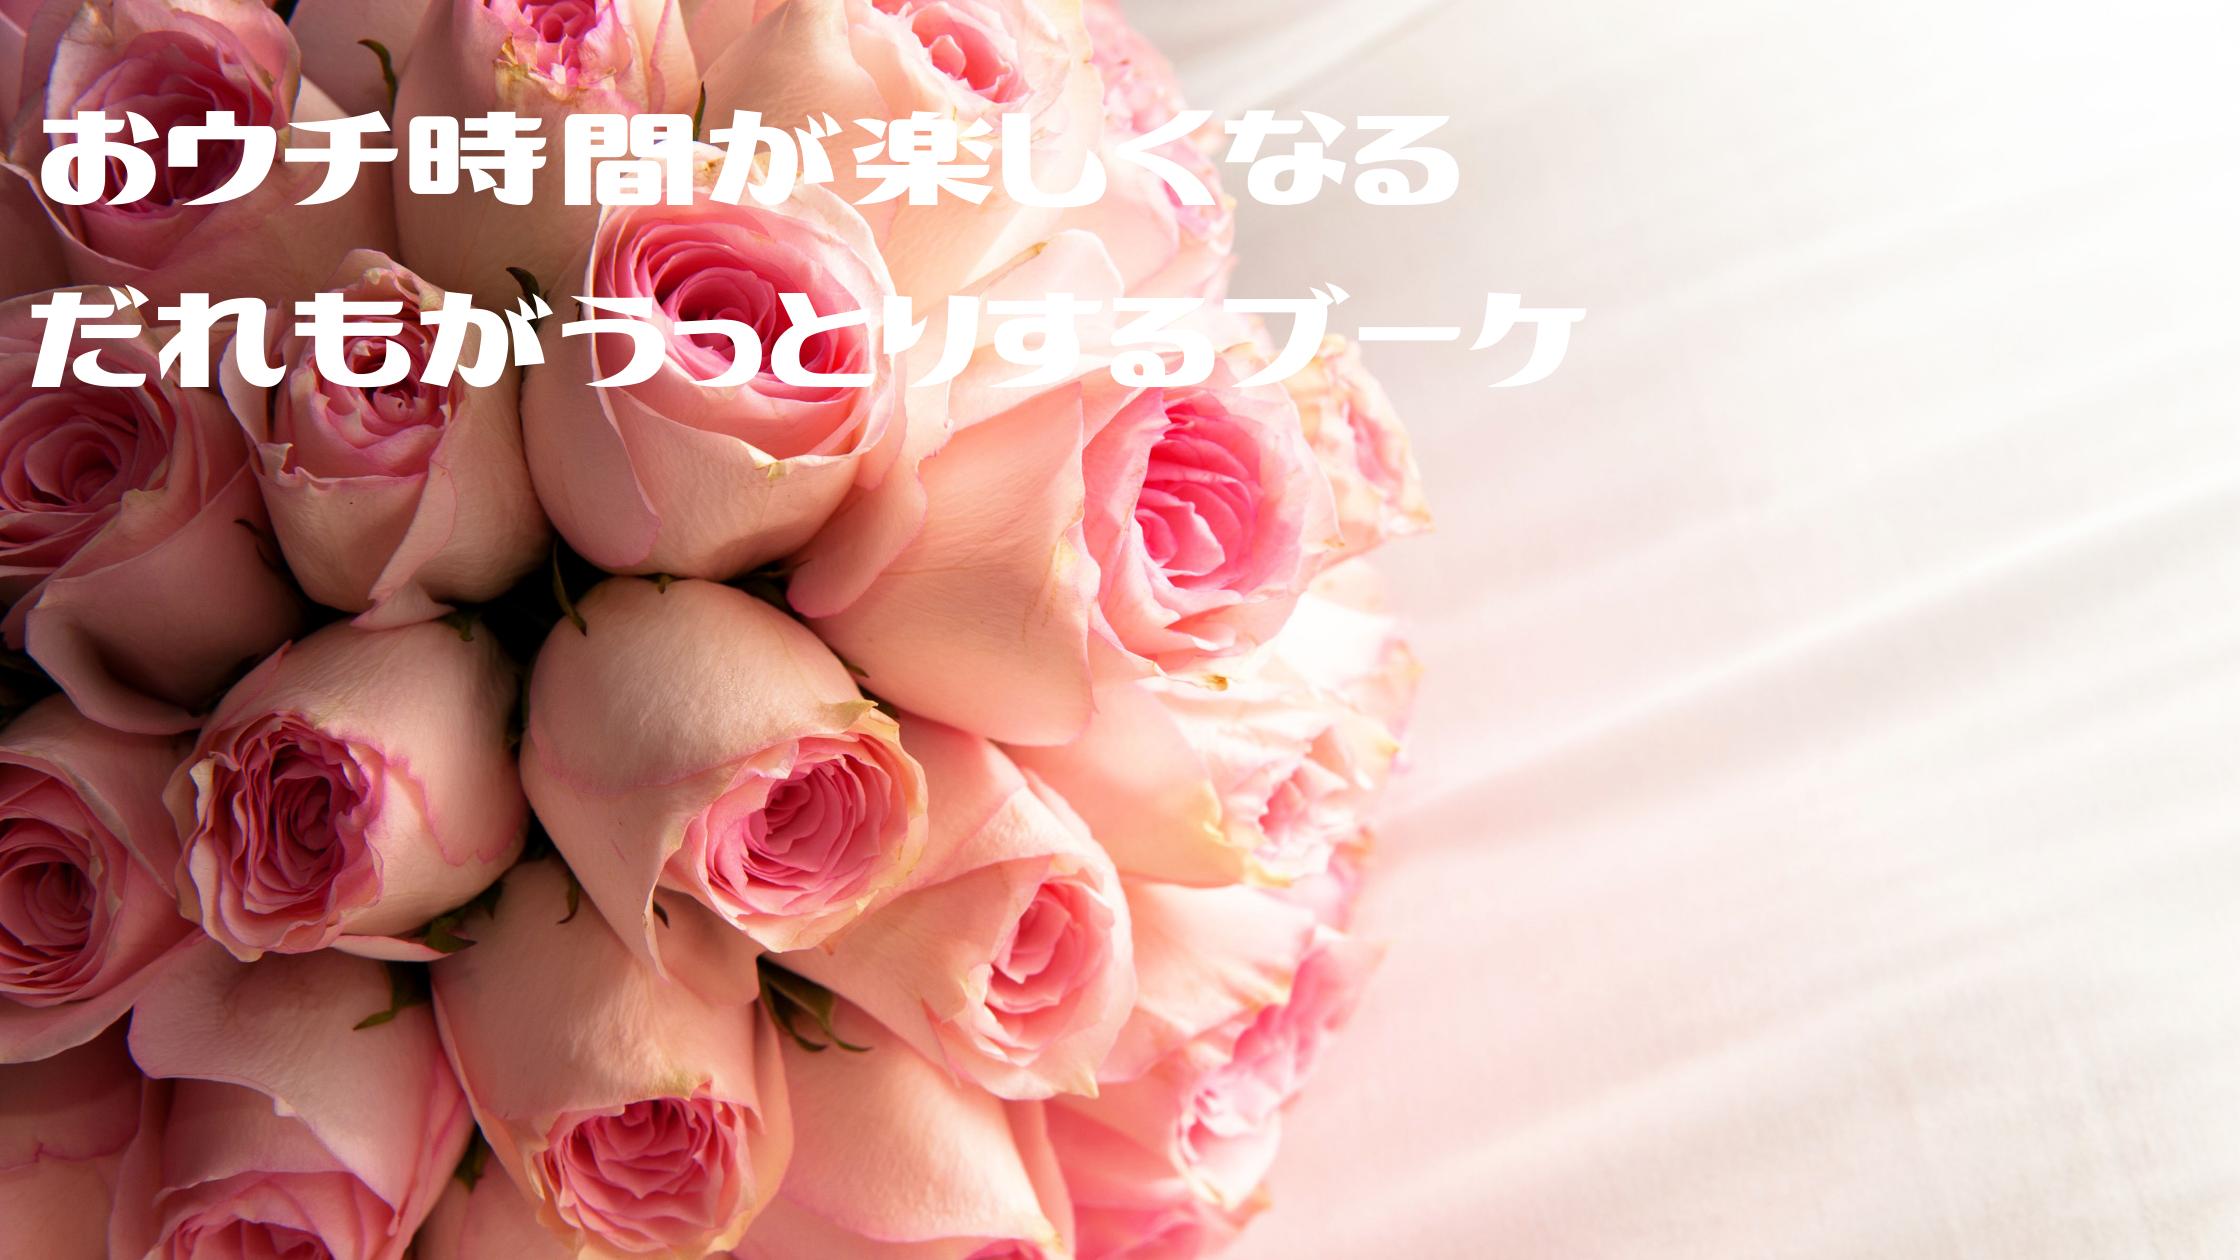 【王様のブランチ】韓国から初上陸ロマンティックすぎるブーケ【フラワーLEDブーケコレクション】